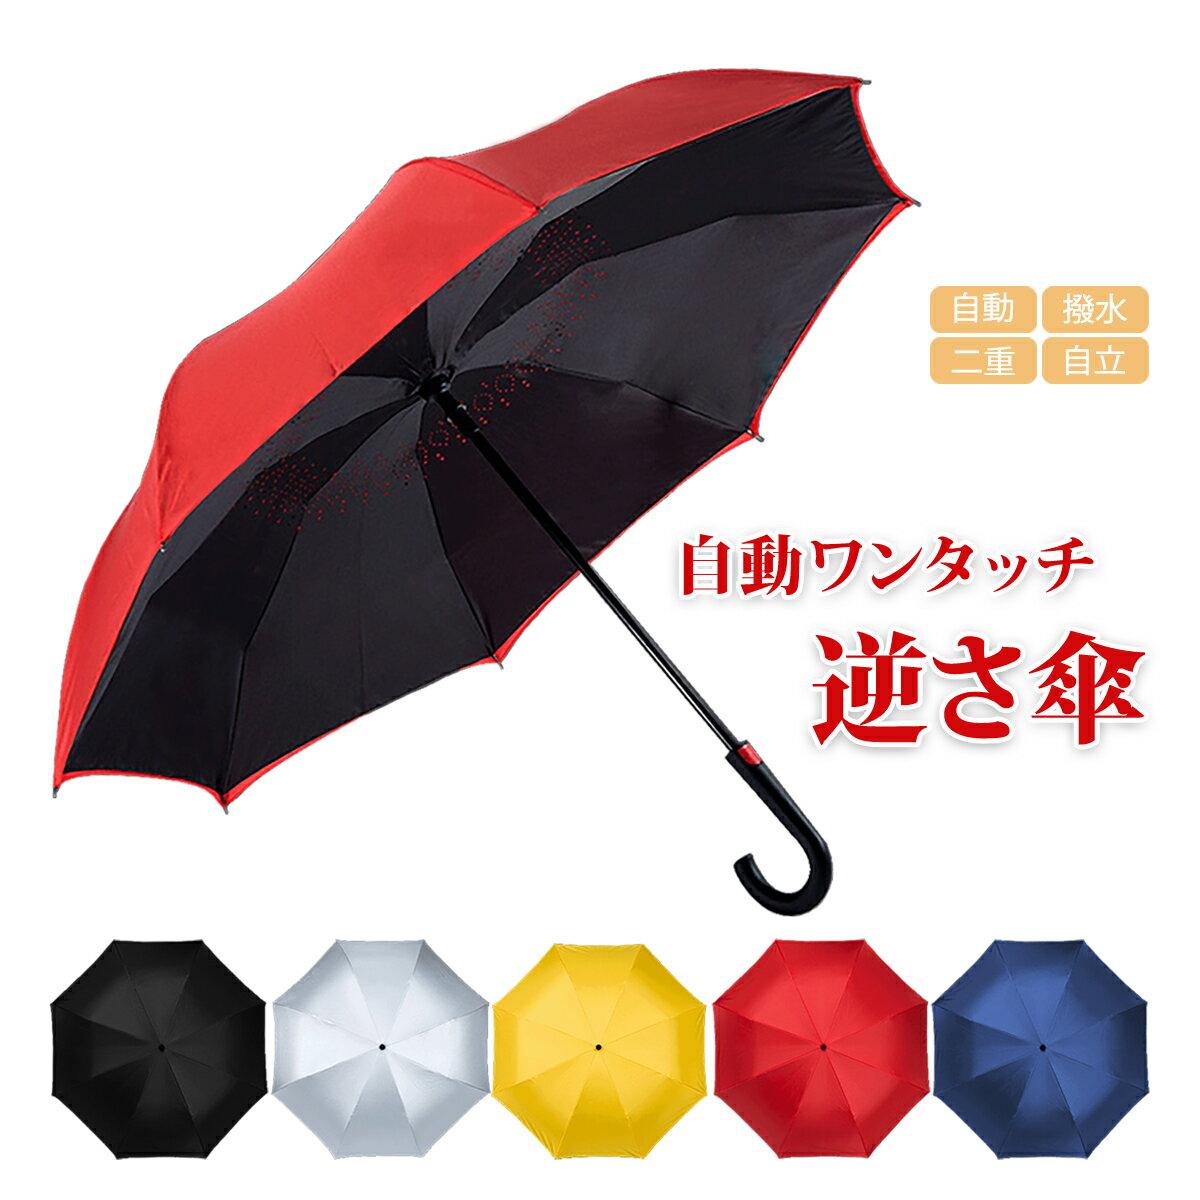 【ランキング1位】【送料無料】ワンタッチ 自動開く 逆さま傘 逆さ傘 さかさま傘 日傘 濡れない傘 二重傘 晴雨傘 UVカット撥水加工/赤色、黄色、銀色選択可能■549